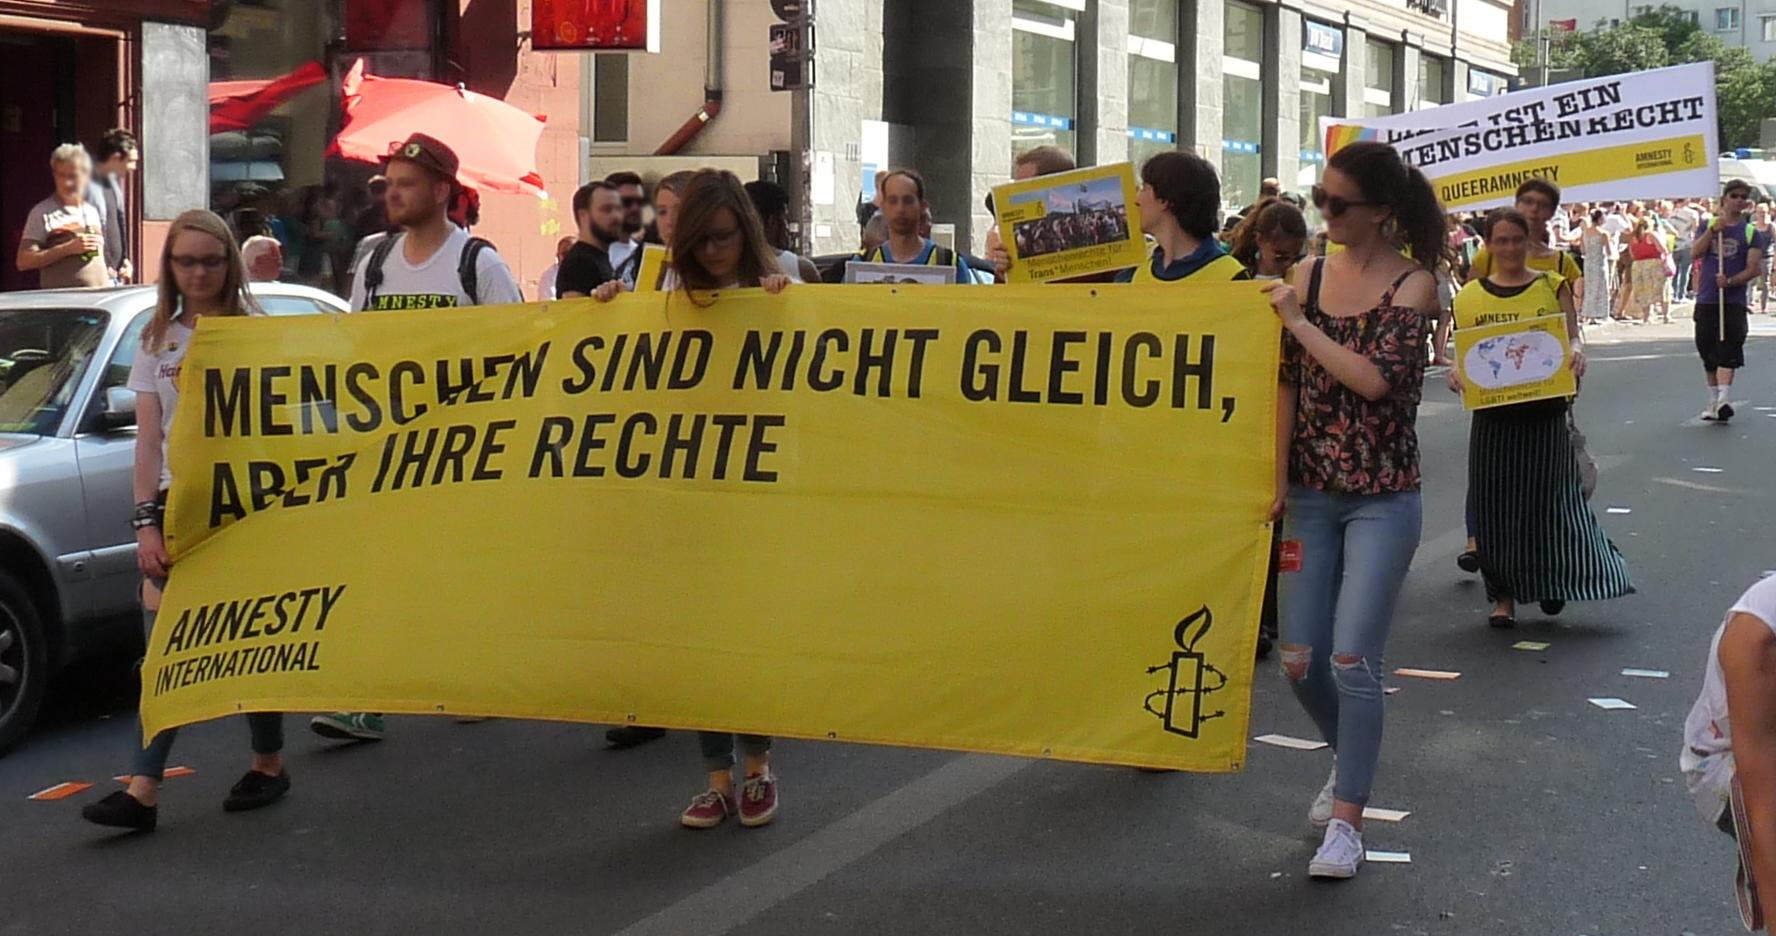 Stuttgart_-_CSD_2016_-_Parade_-_Amnesty_International_01